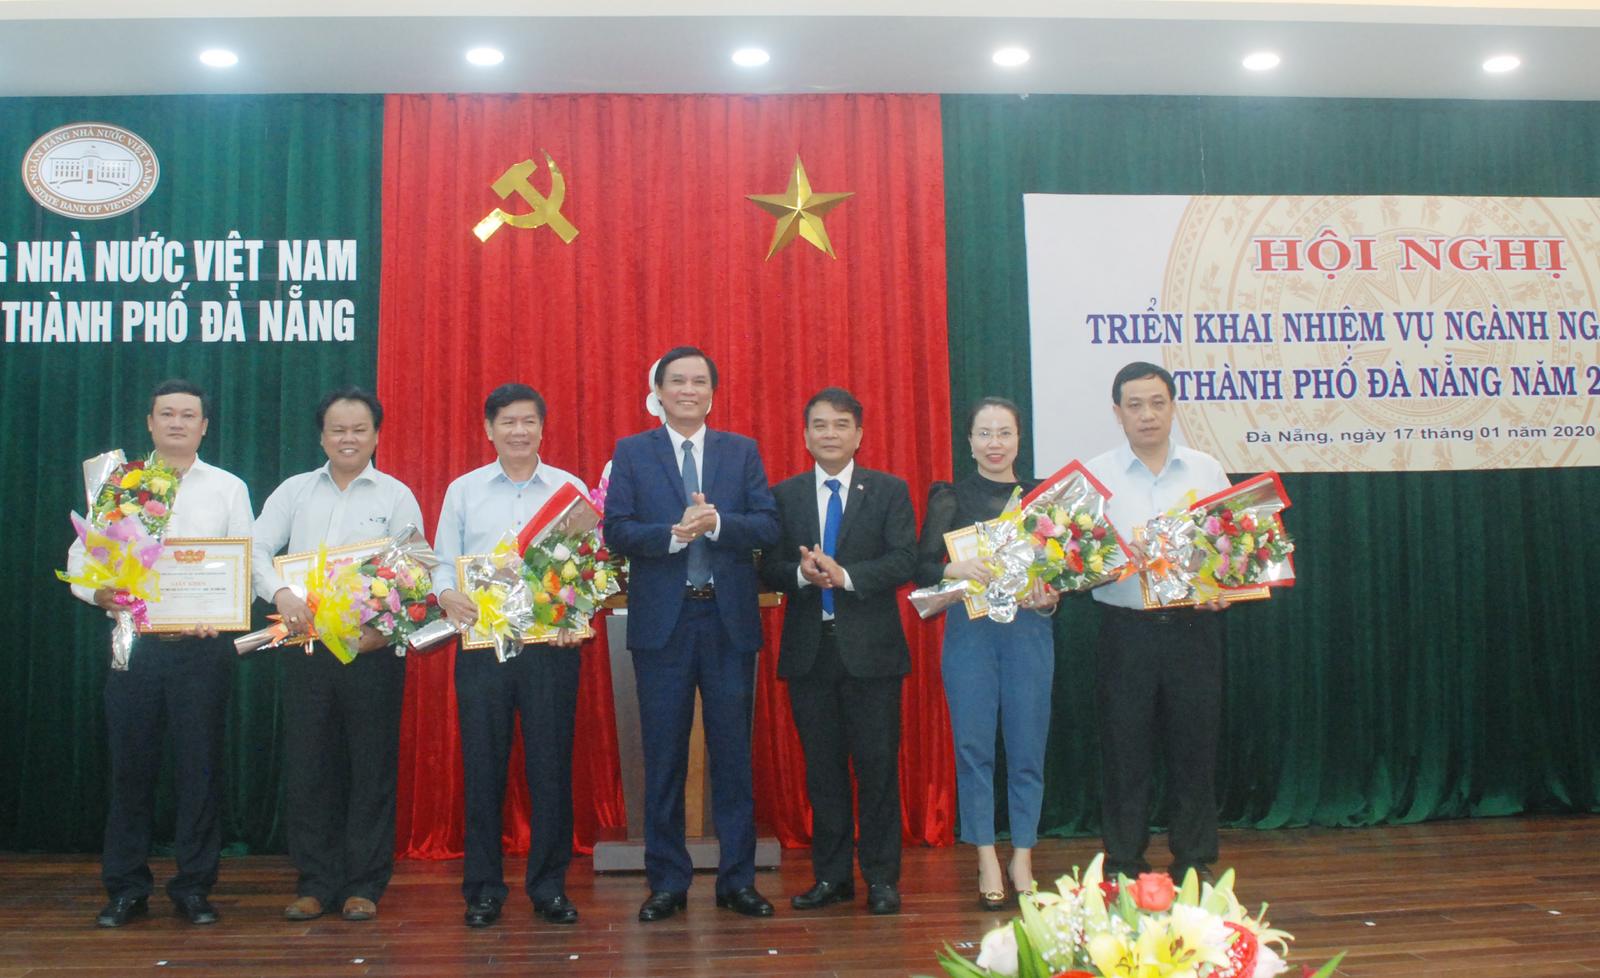 Ngành Ngân hàng góp phần quan trọng vào phát triển Đà Nẵng